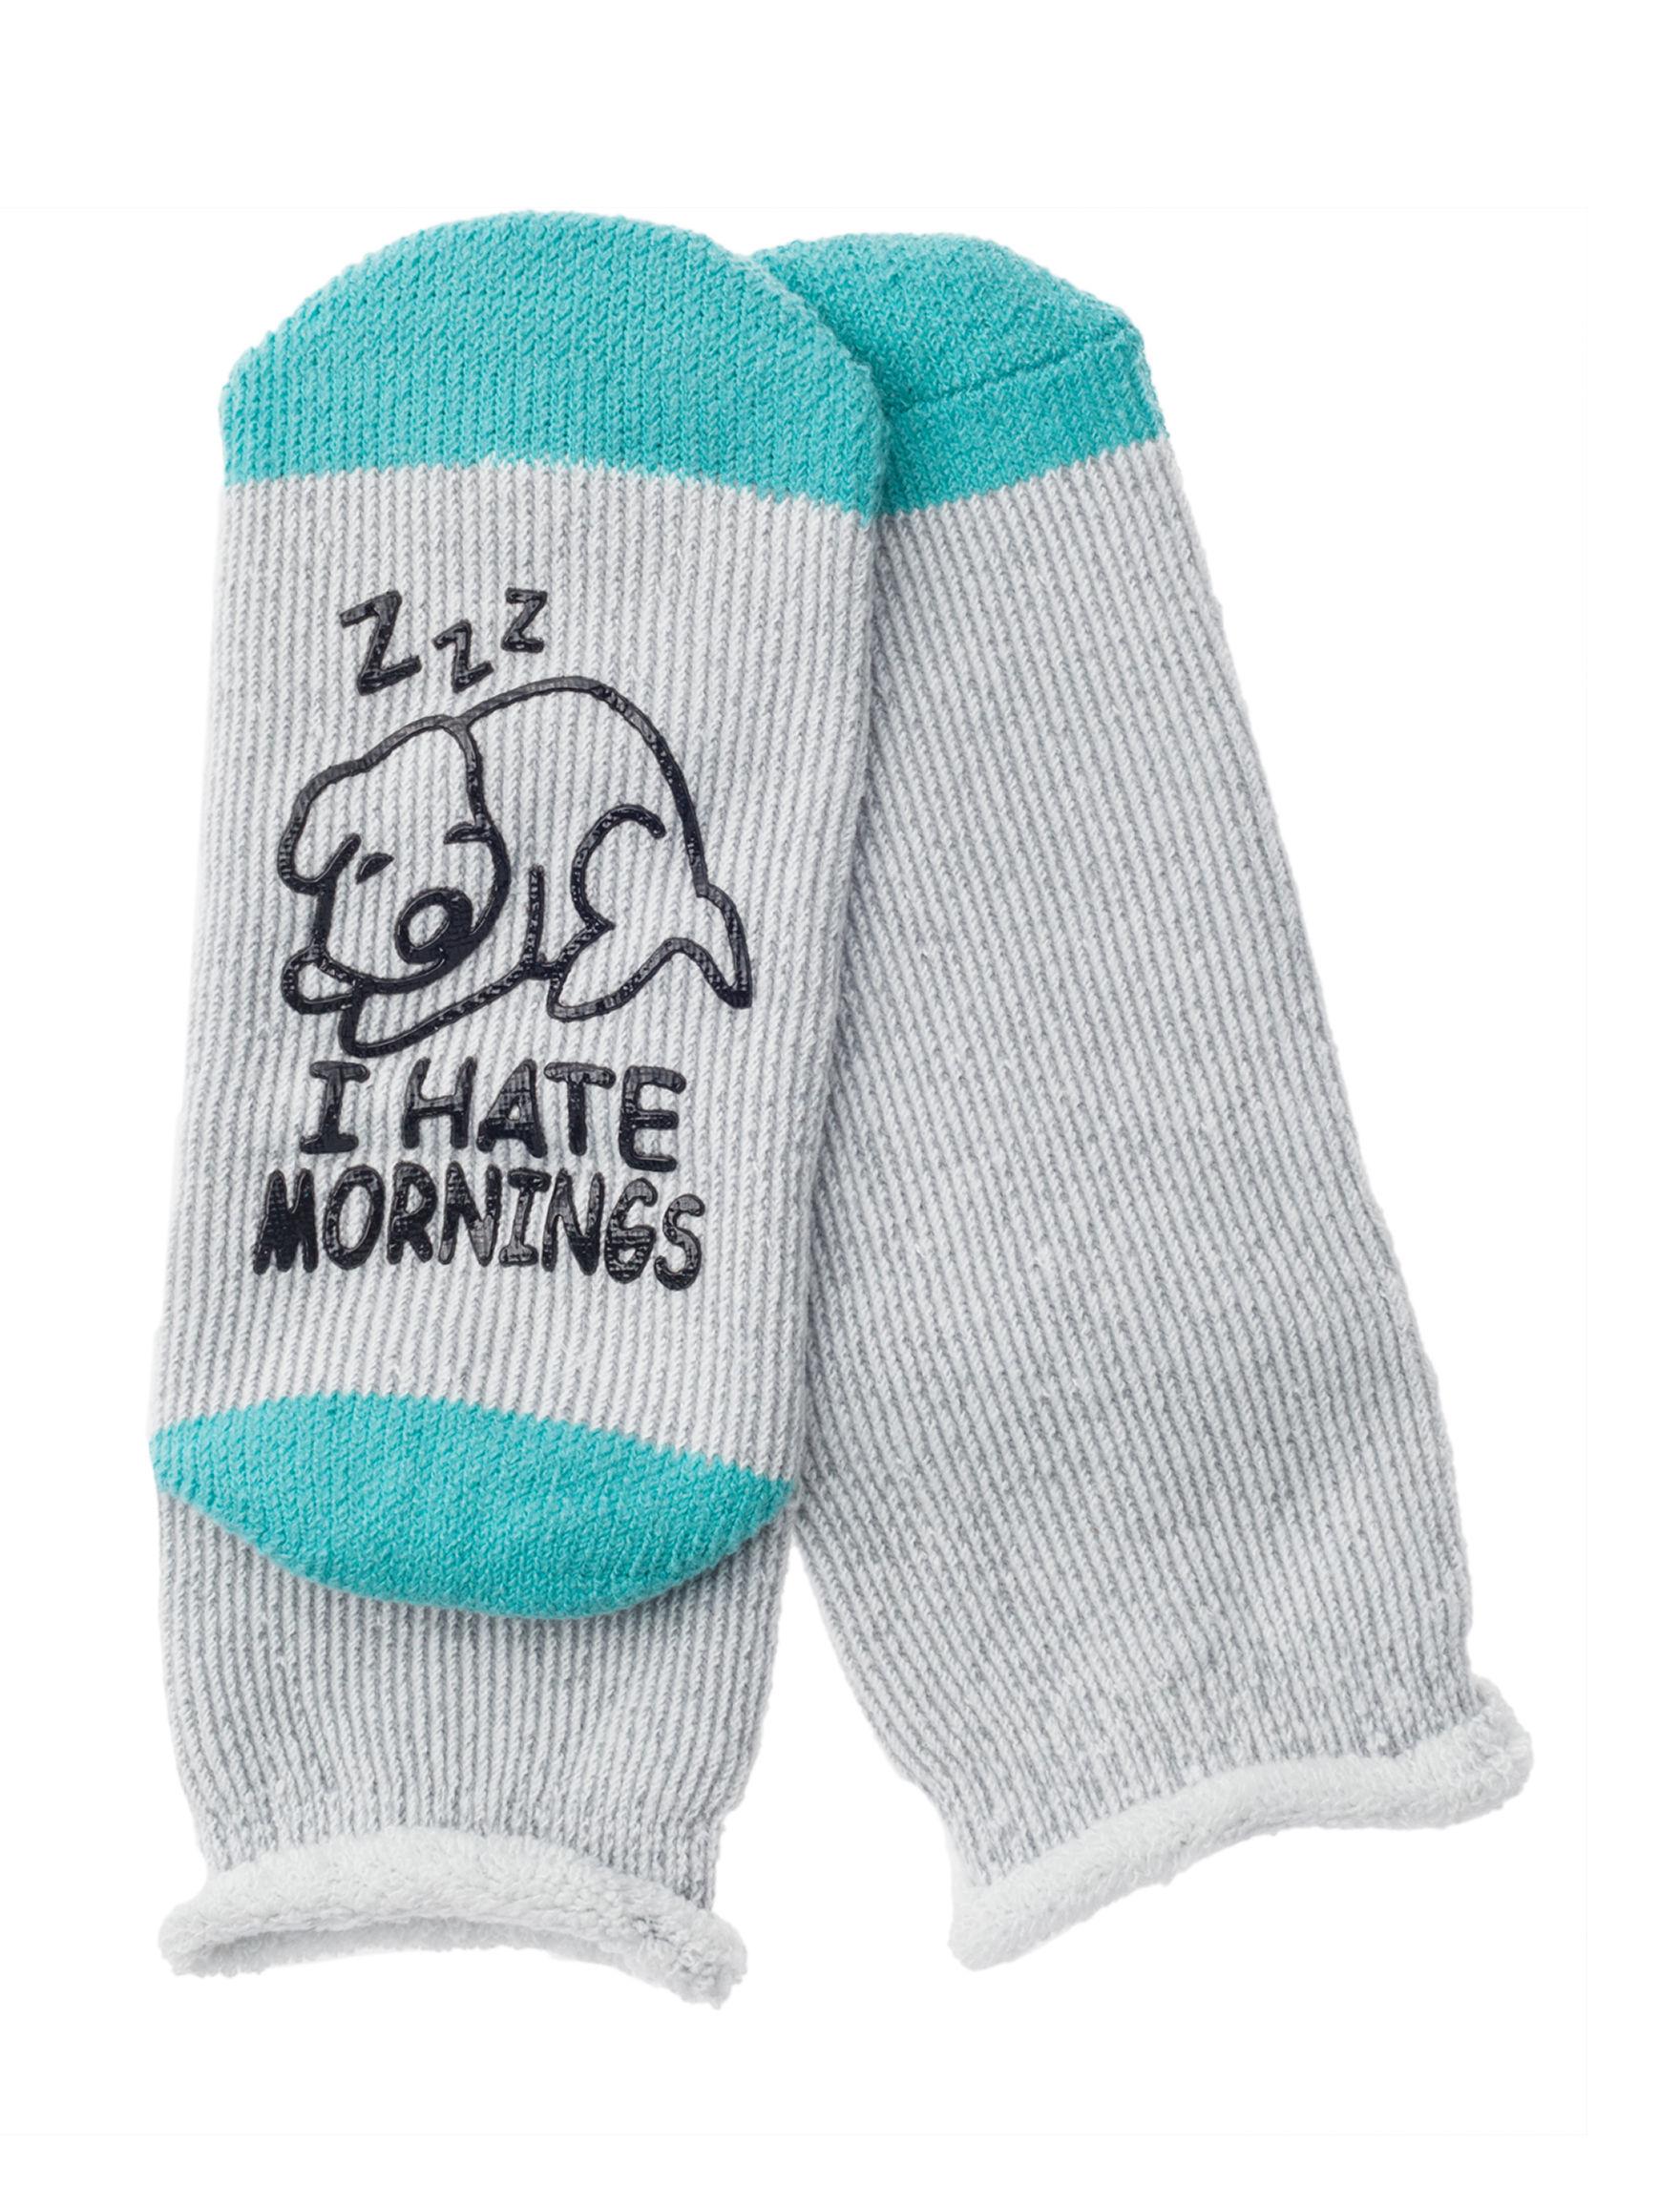 Keep Your Socks On Blue Socks